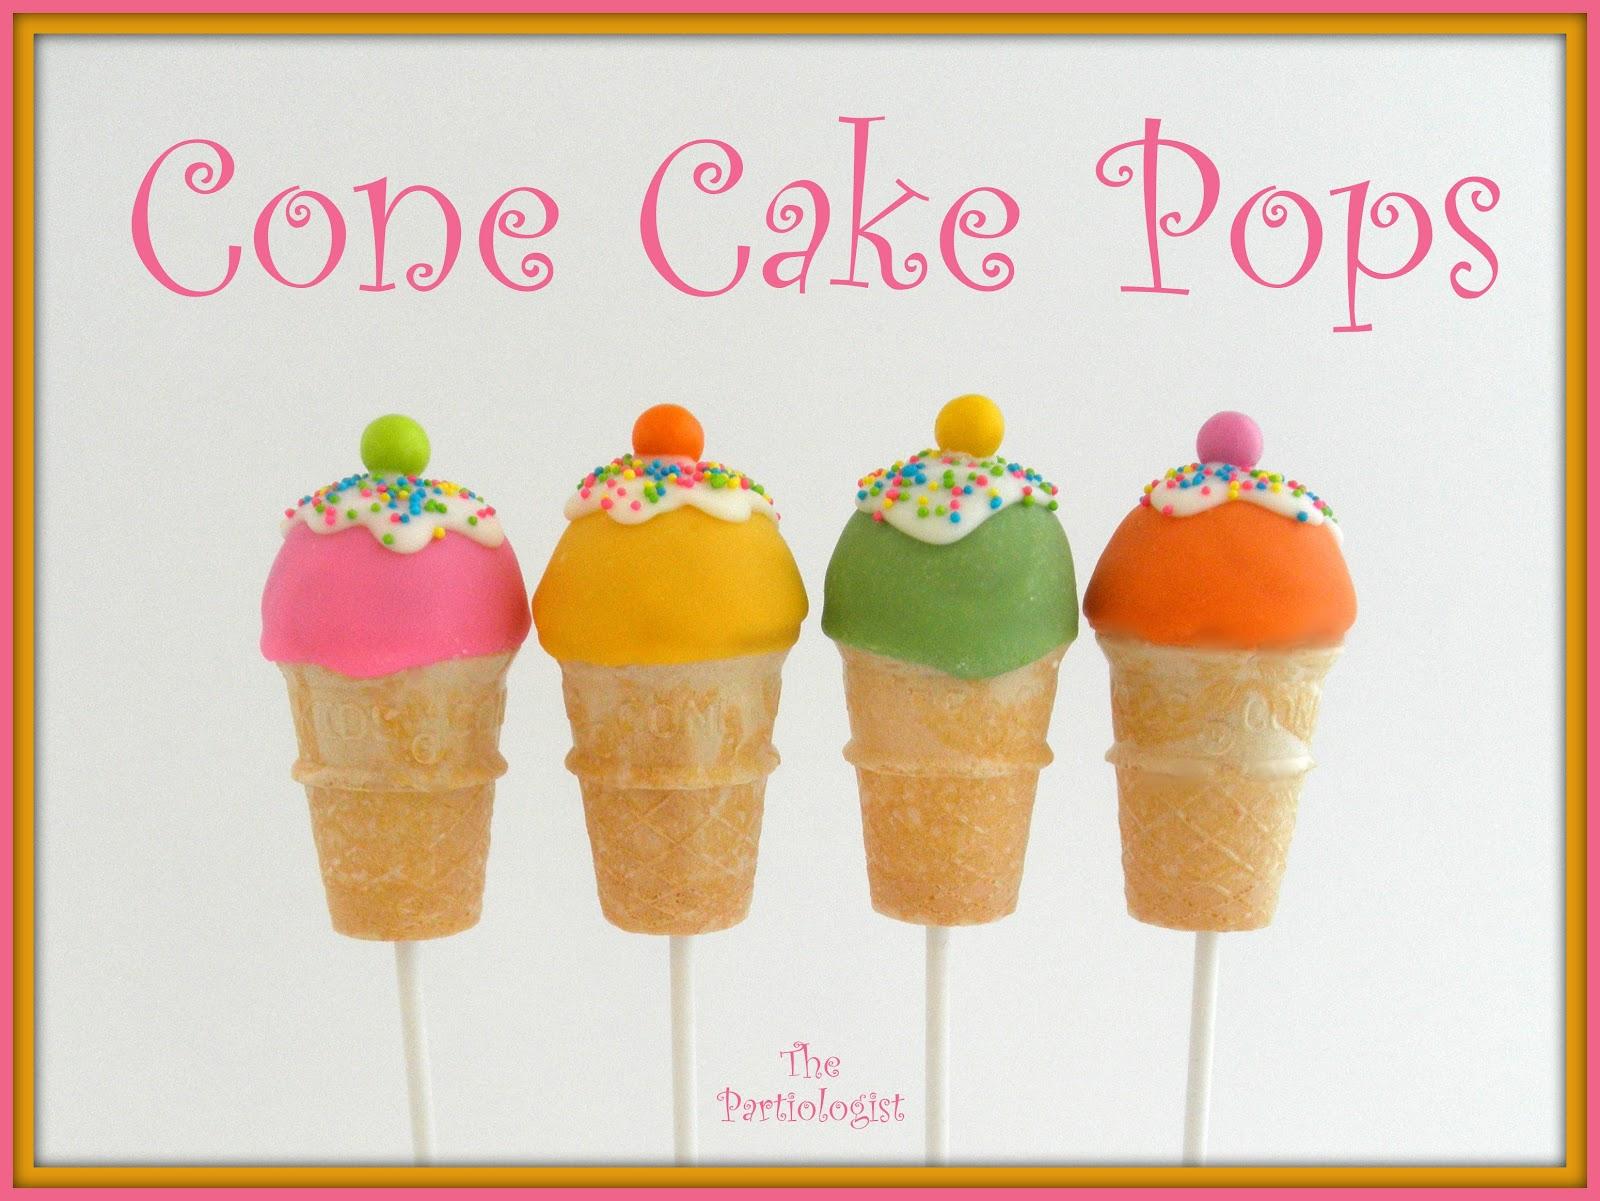 how to make cake pop batter taste